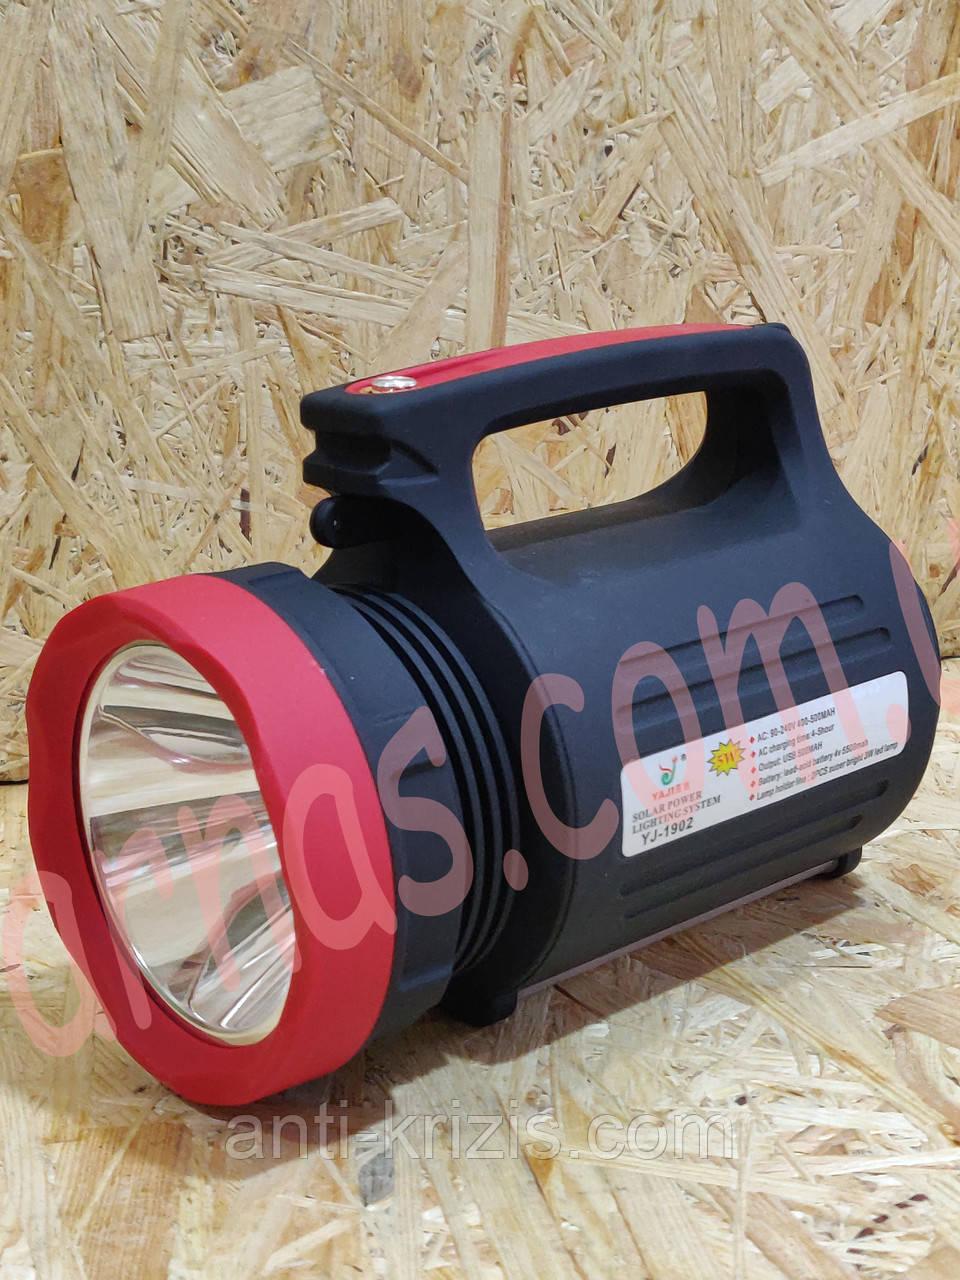 Акумуляторний ліхтар Yajia YJ-1902T (5W+22SMD+Solar battery)